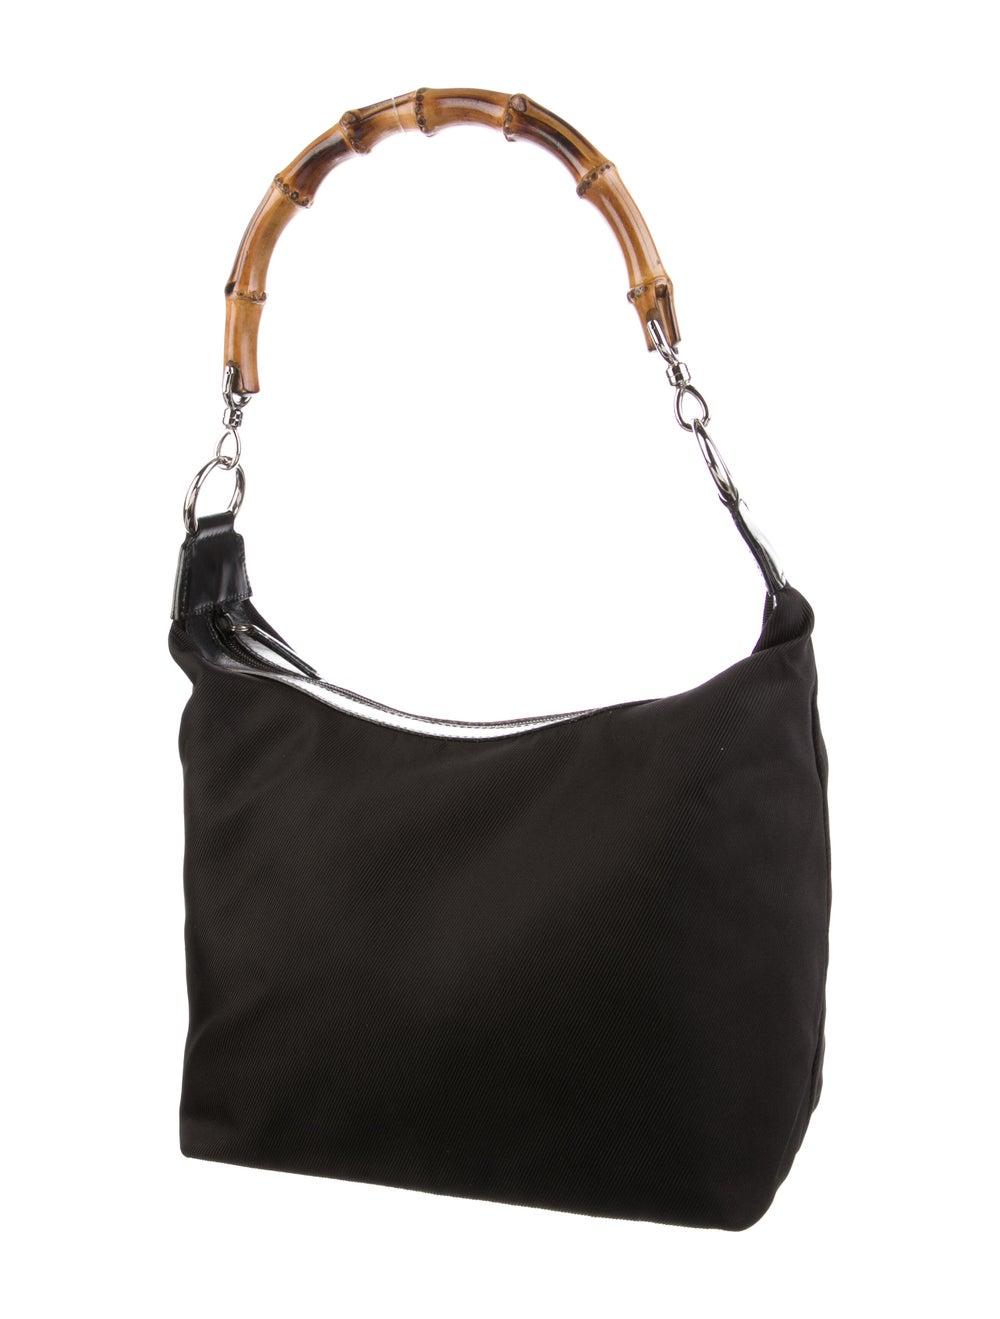 Gucci Vintage Nylon Bamboo Shoulder Bag Black - image 3